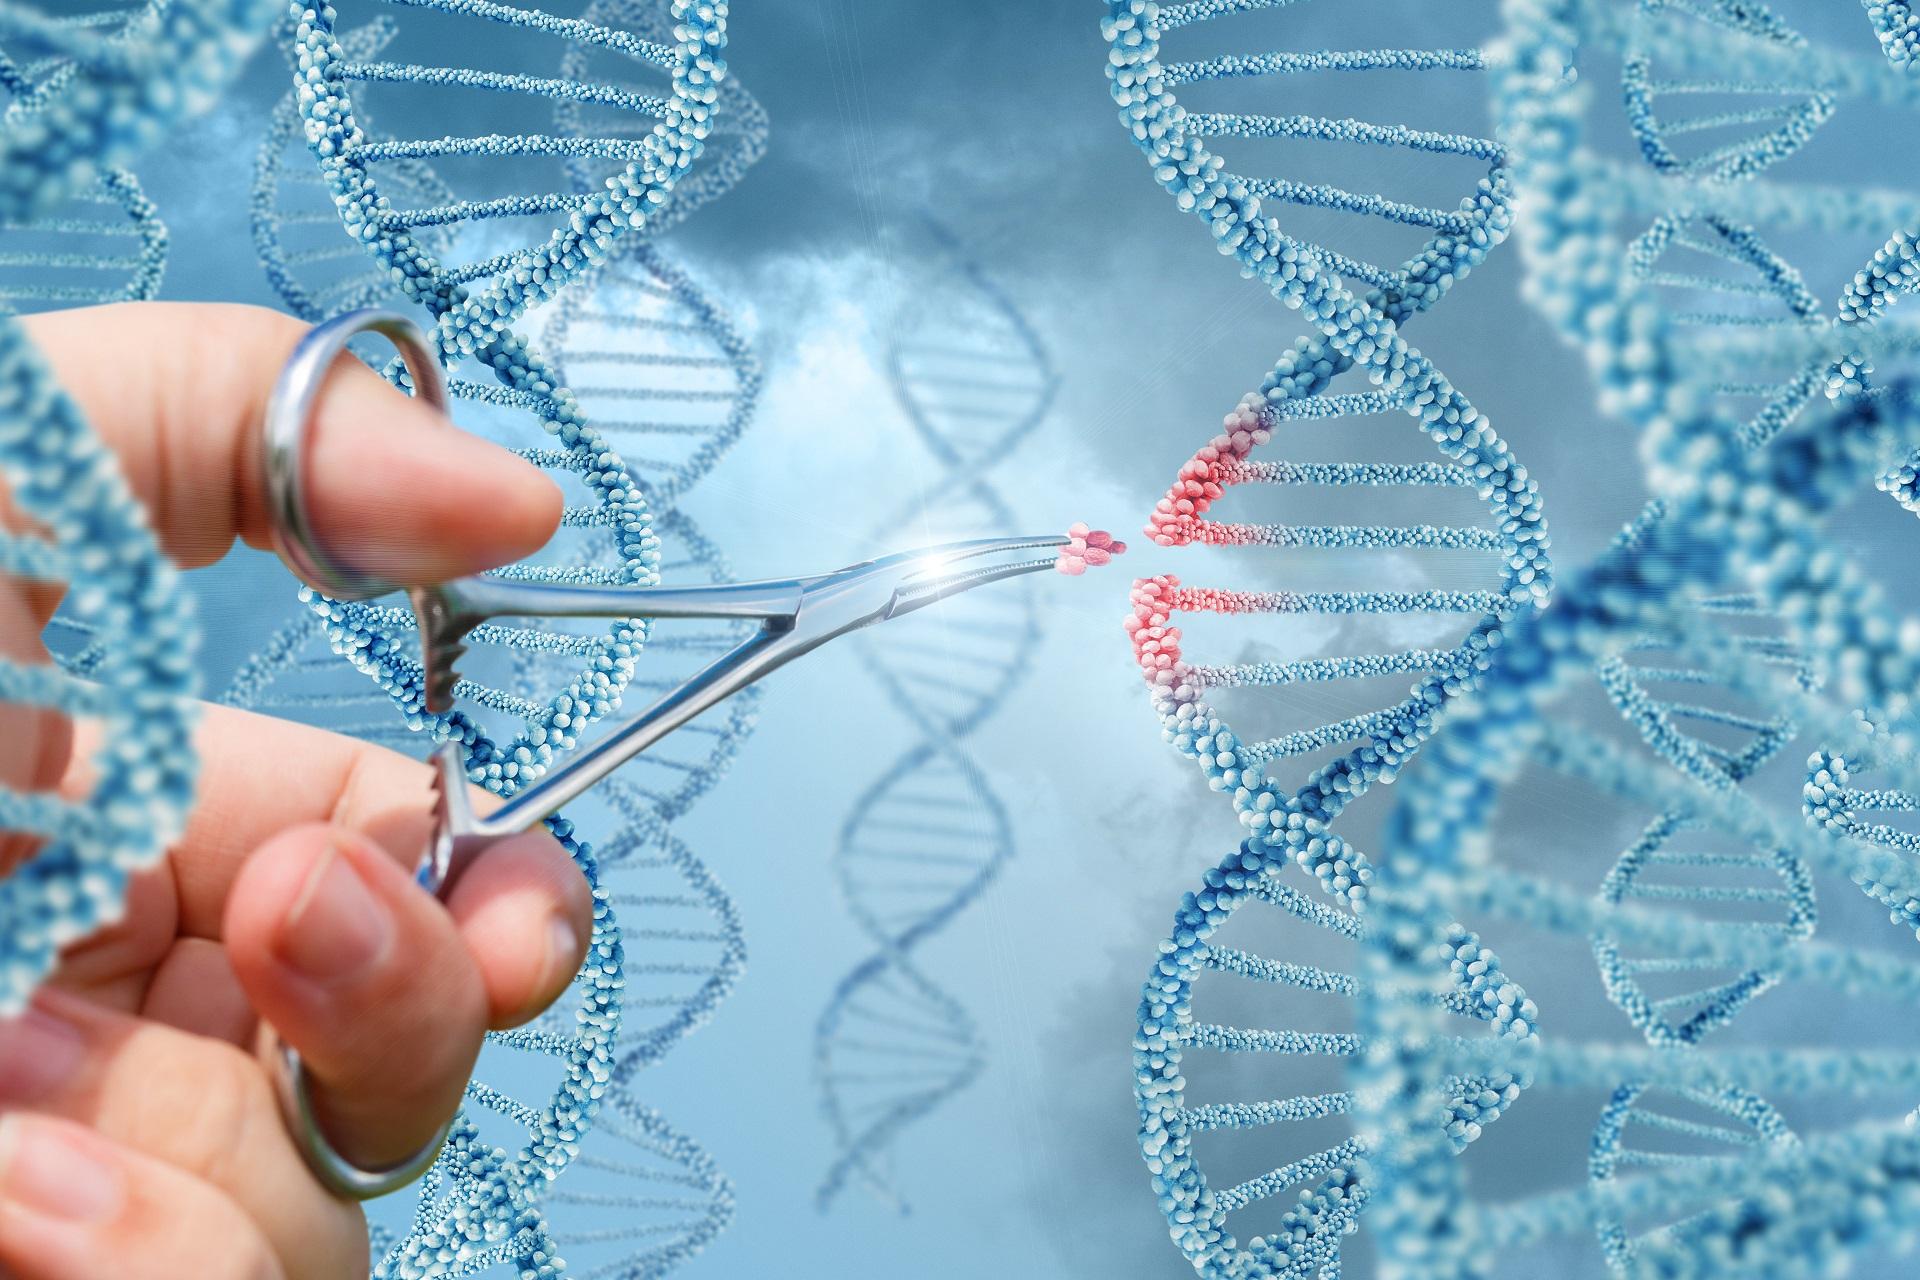 Terapia gênica e o tratamento para doenças genéticas